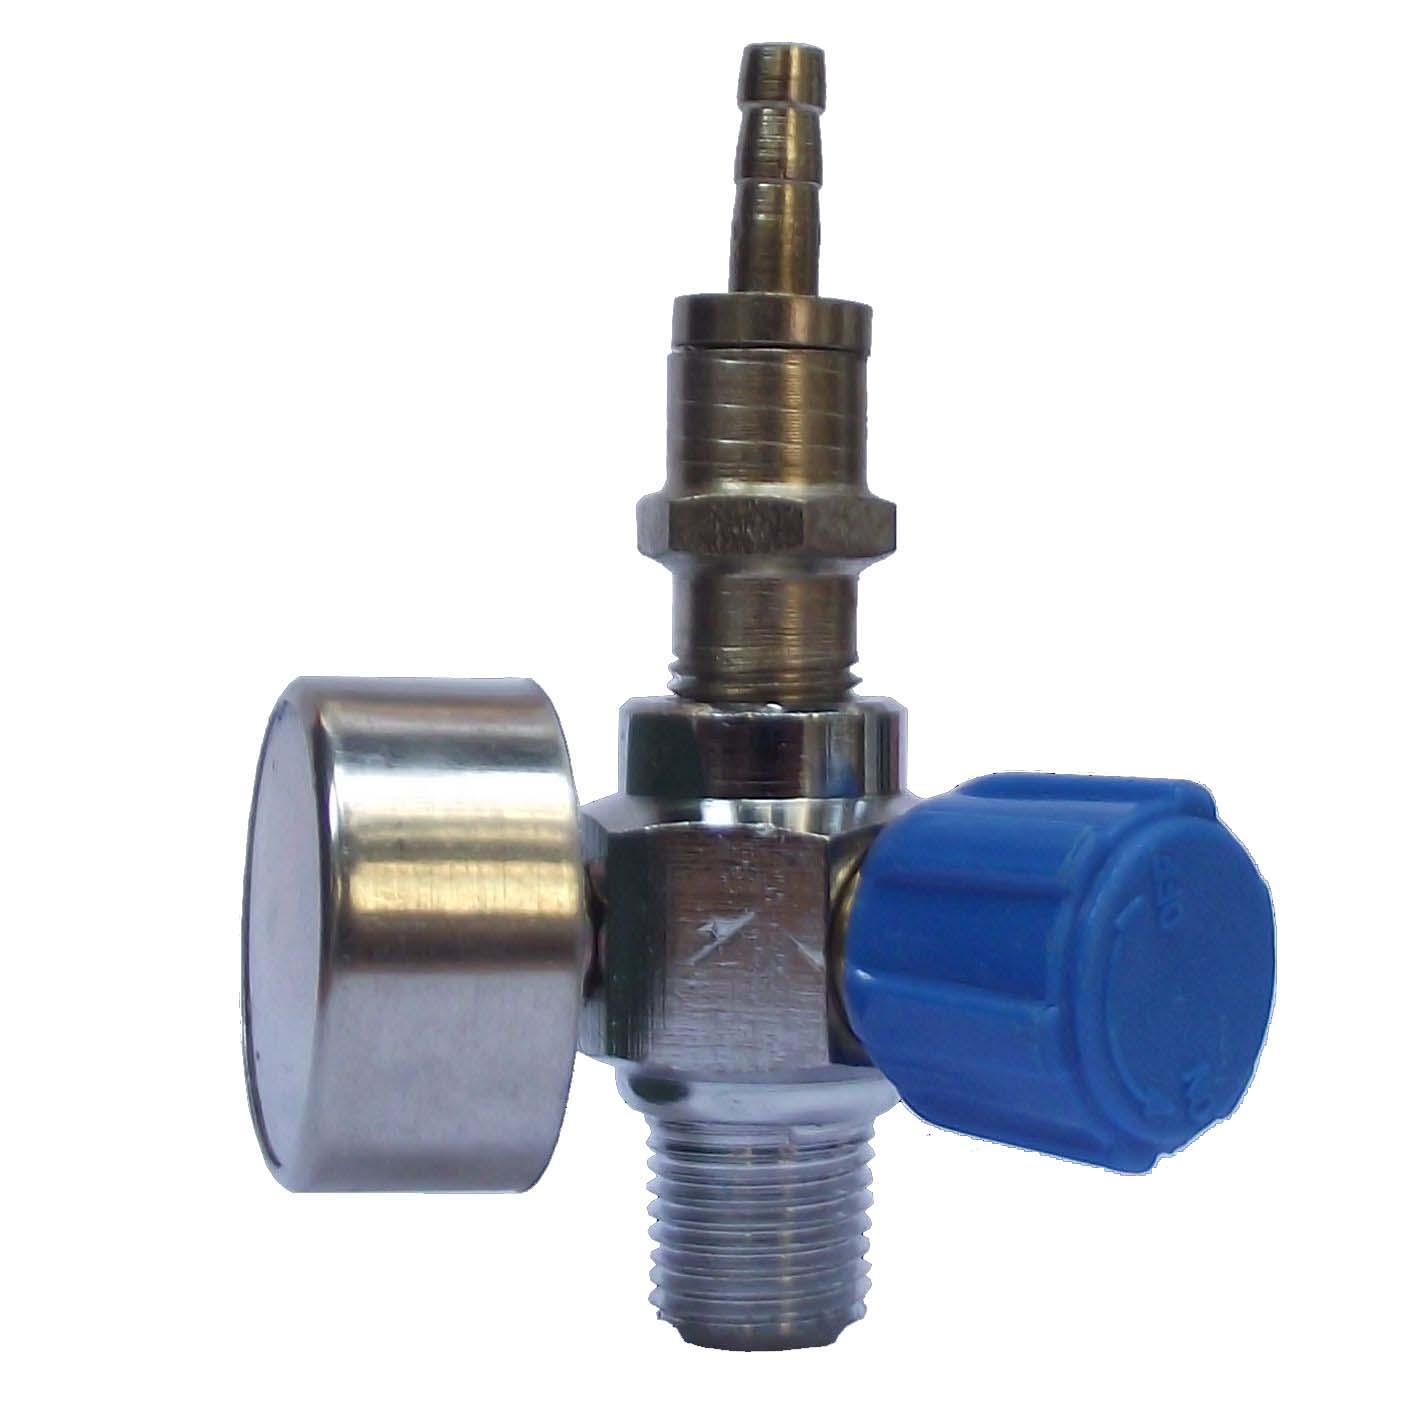 novi model polni bakra z 2 litra kisika ventil prenosne jeklenke za varjenje majhen most paketno pošto posebni ventili stikalo.